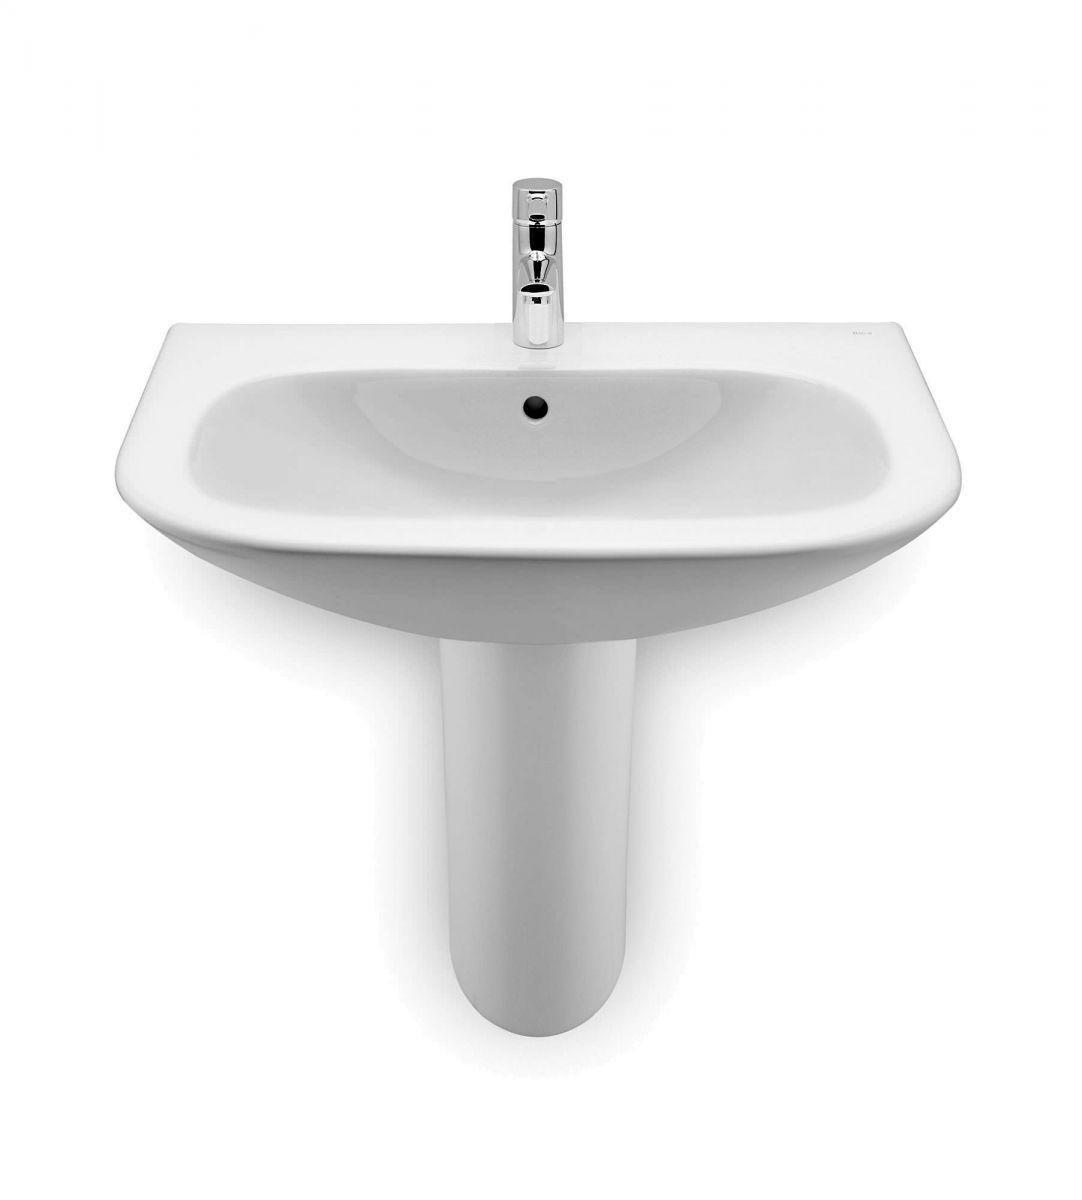 Roca nexo wall hung basin uk bathrooms for Roca bathroom fittings